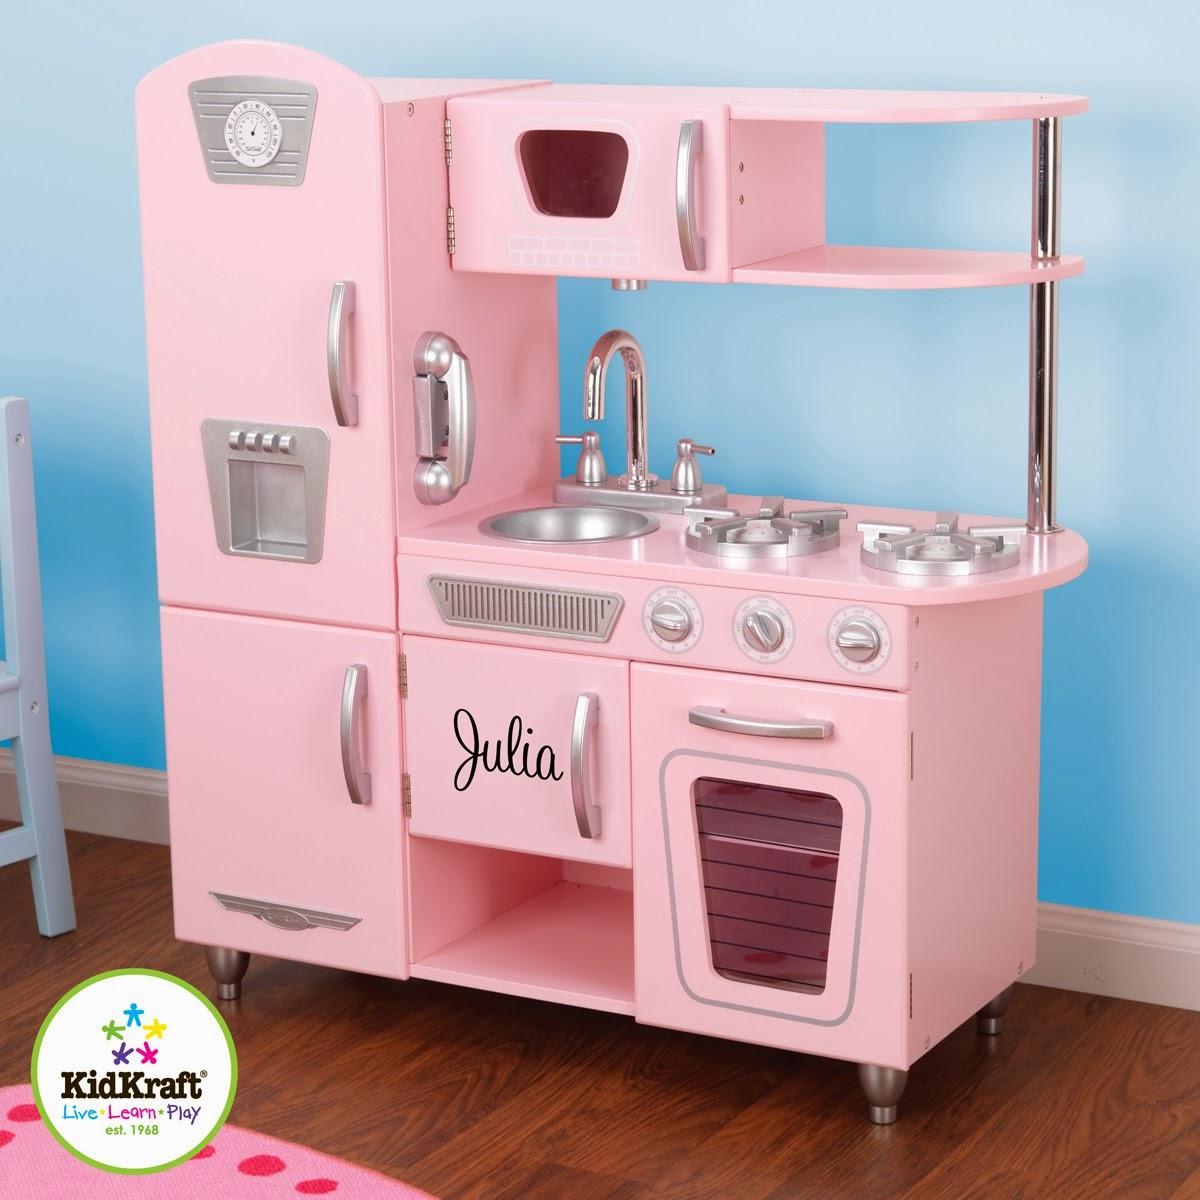 Children's Wooden Toys Toy Play Kitchen Furniture